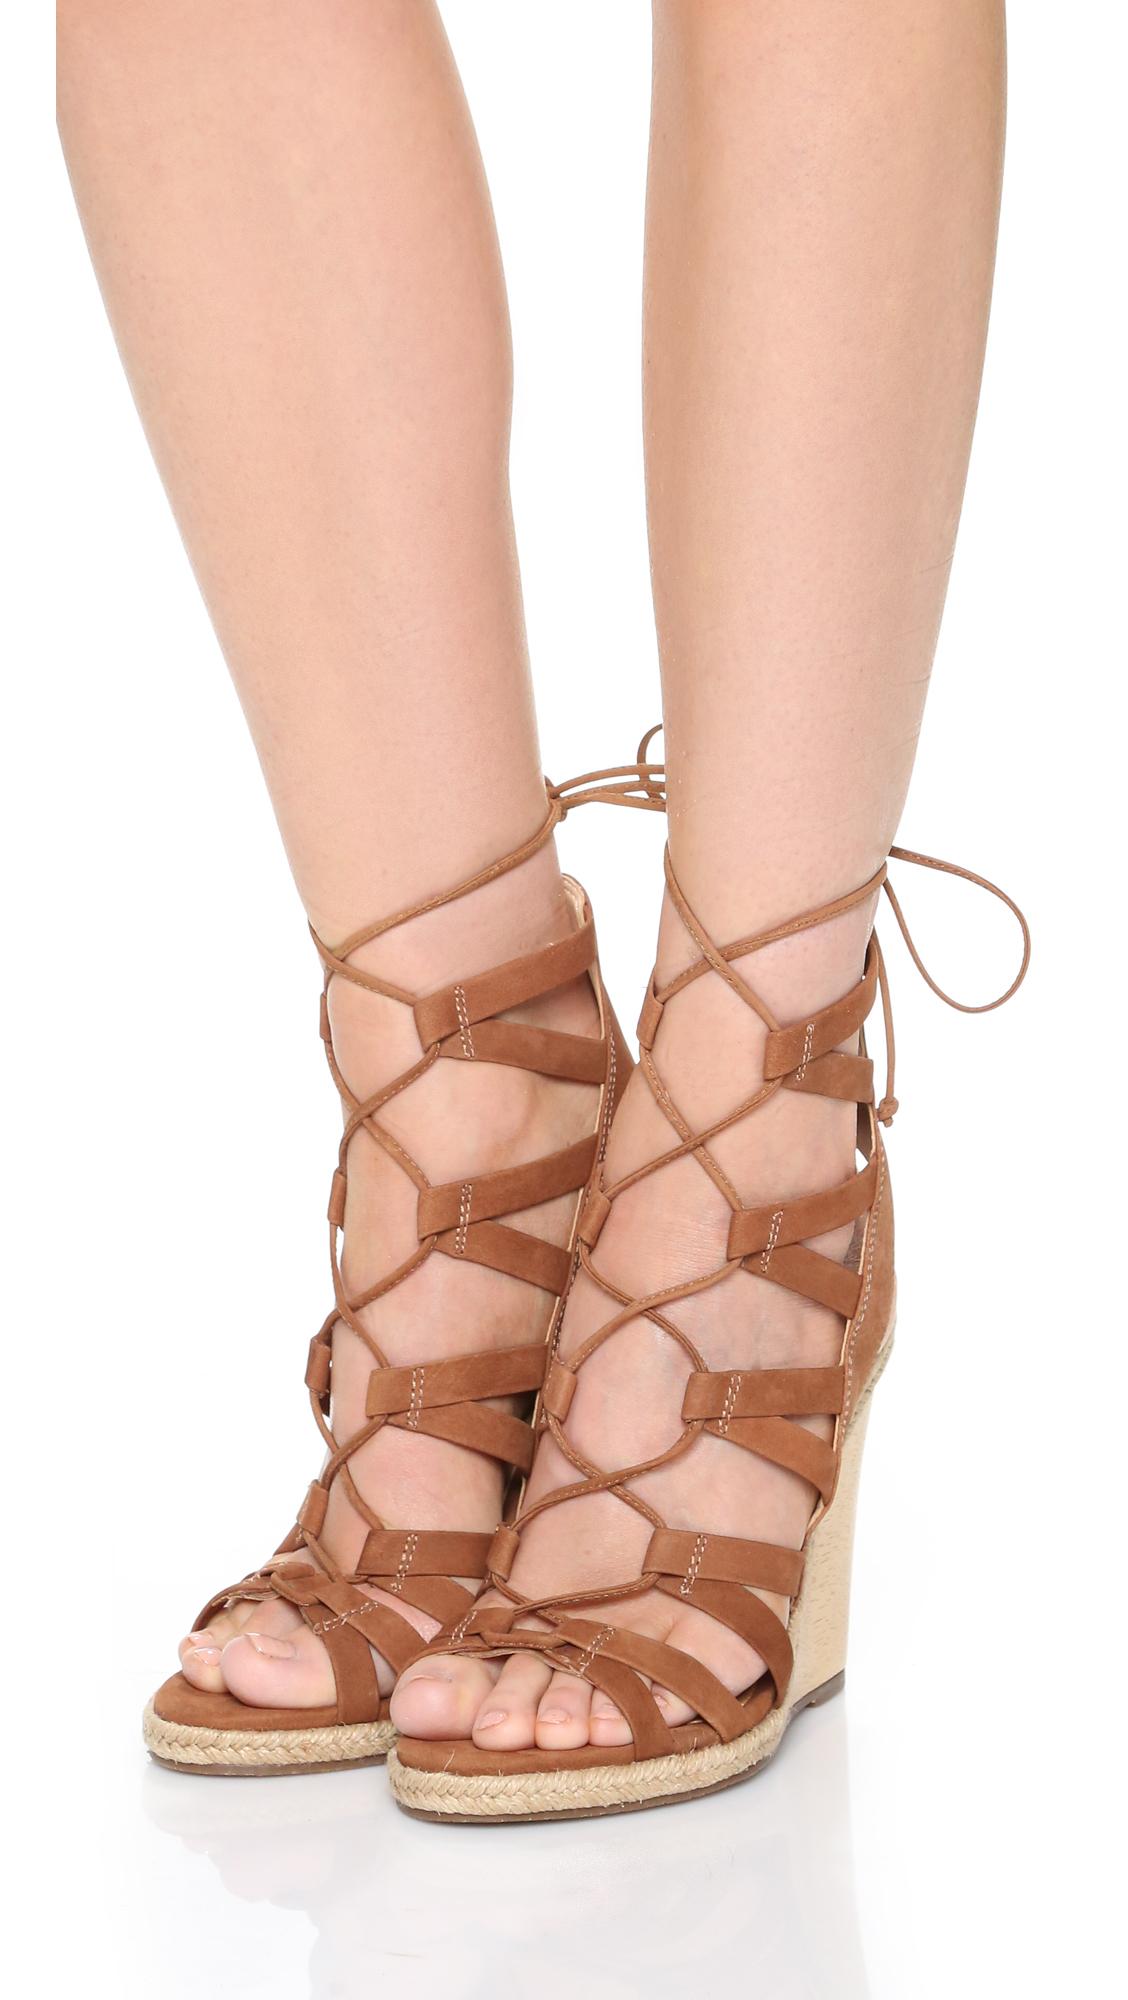 Schutz Shoes Heels Com